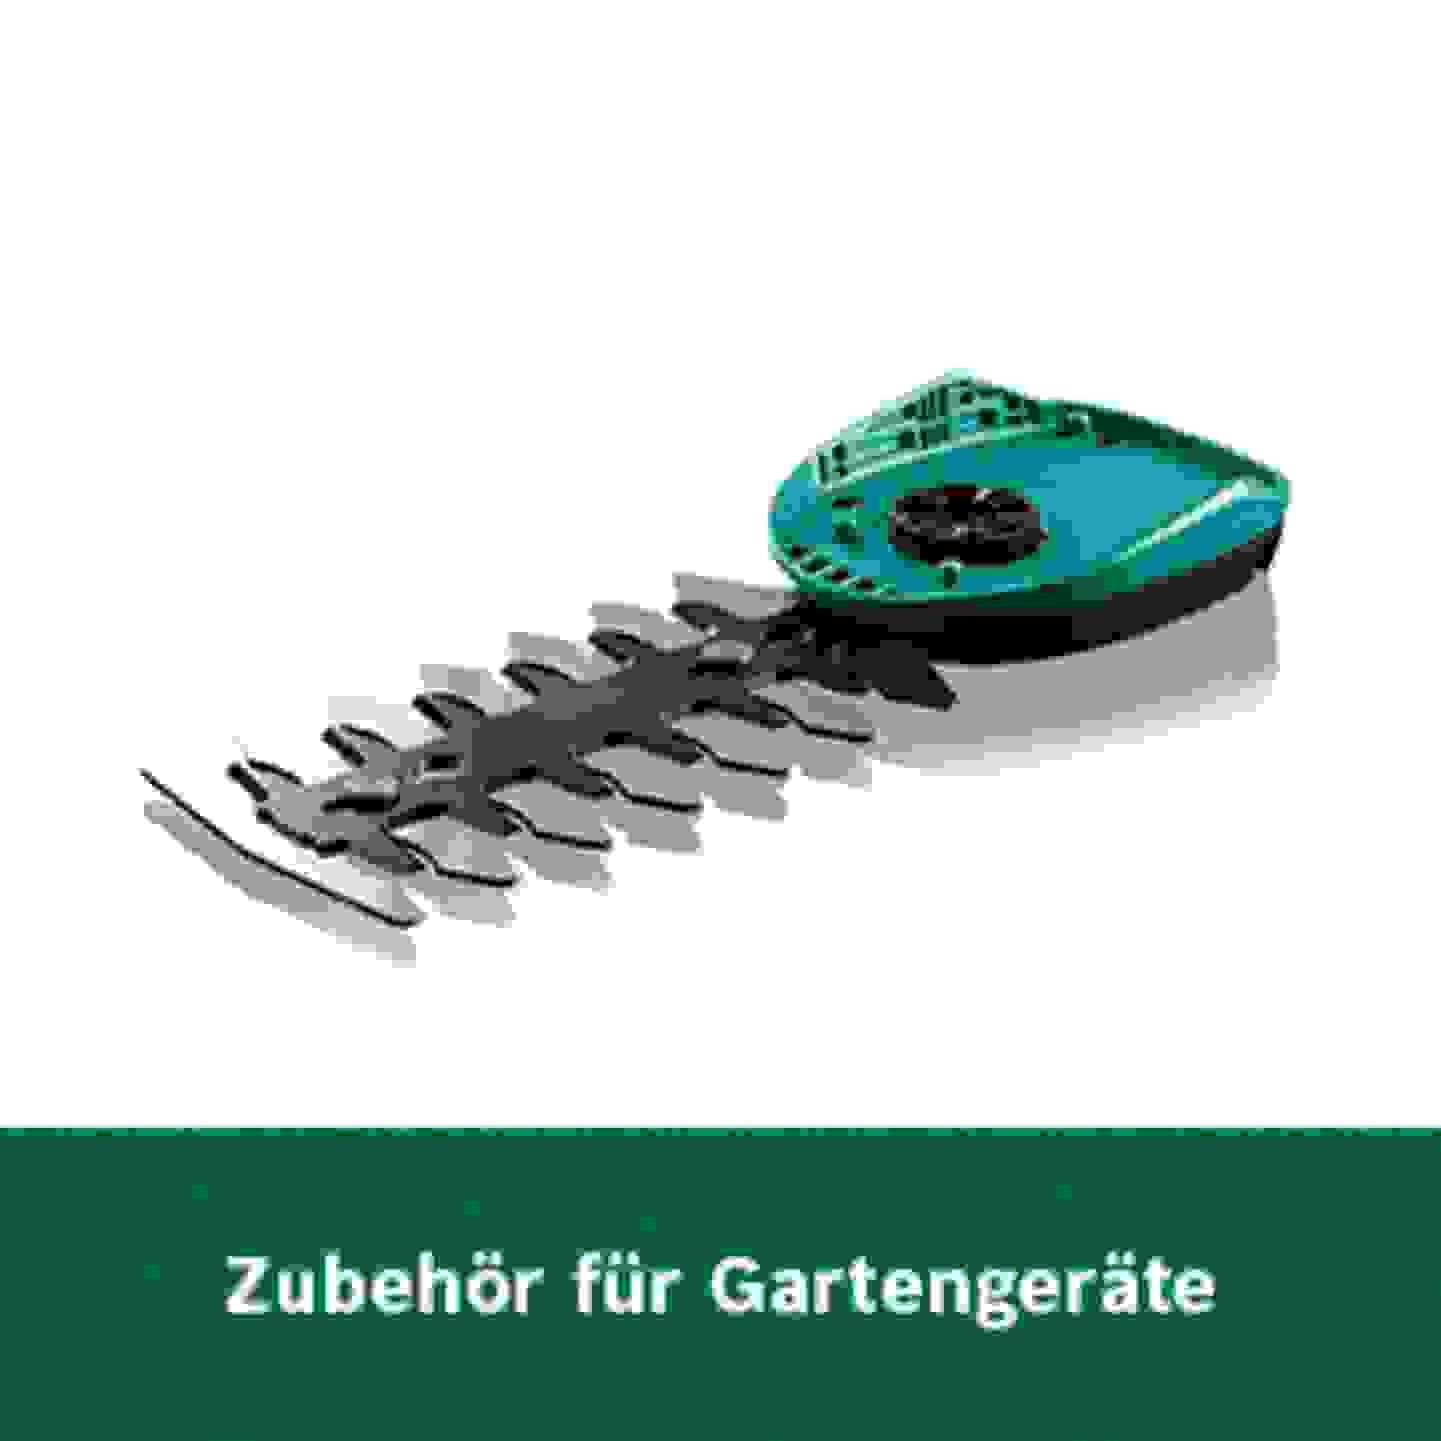 Bosch Zubehör für Gartengeräte